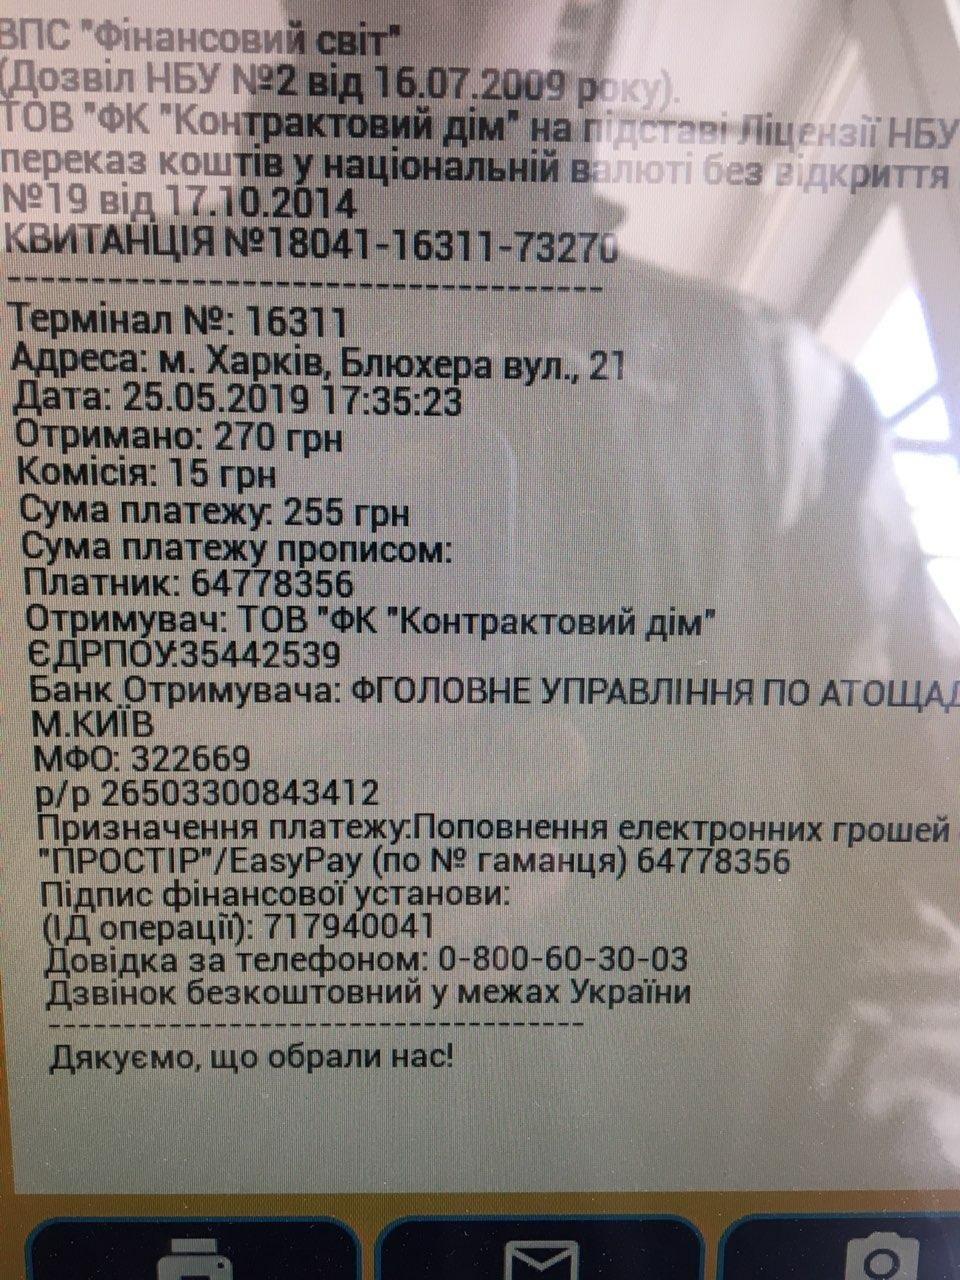 Сервис платежей easypay.ua - Украли аккаунт с деньгами